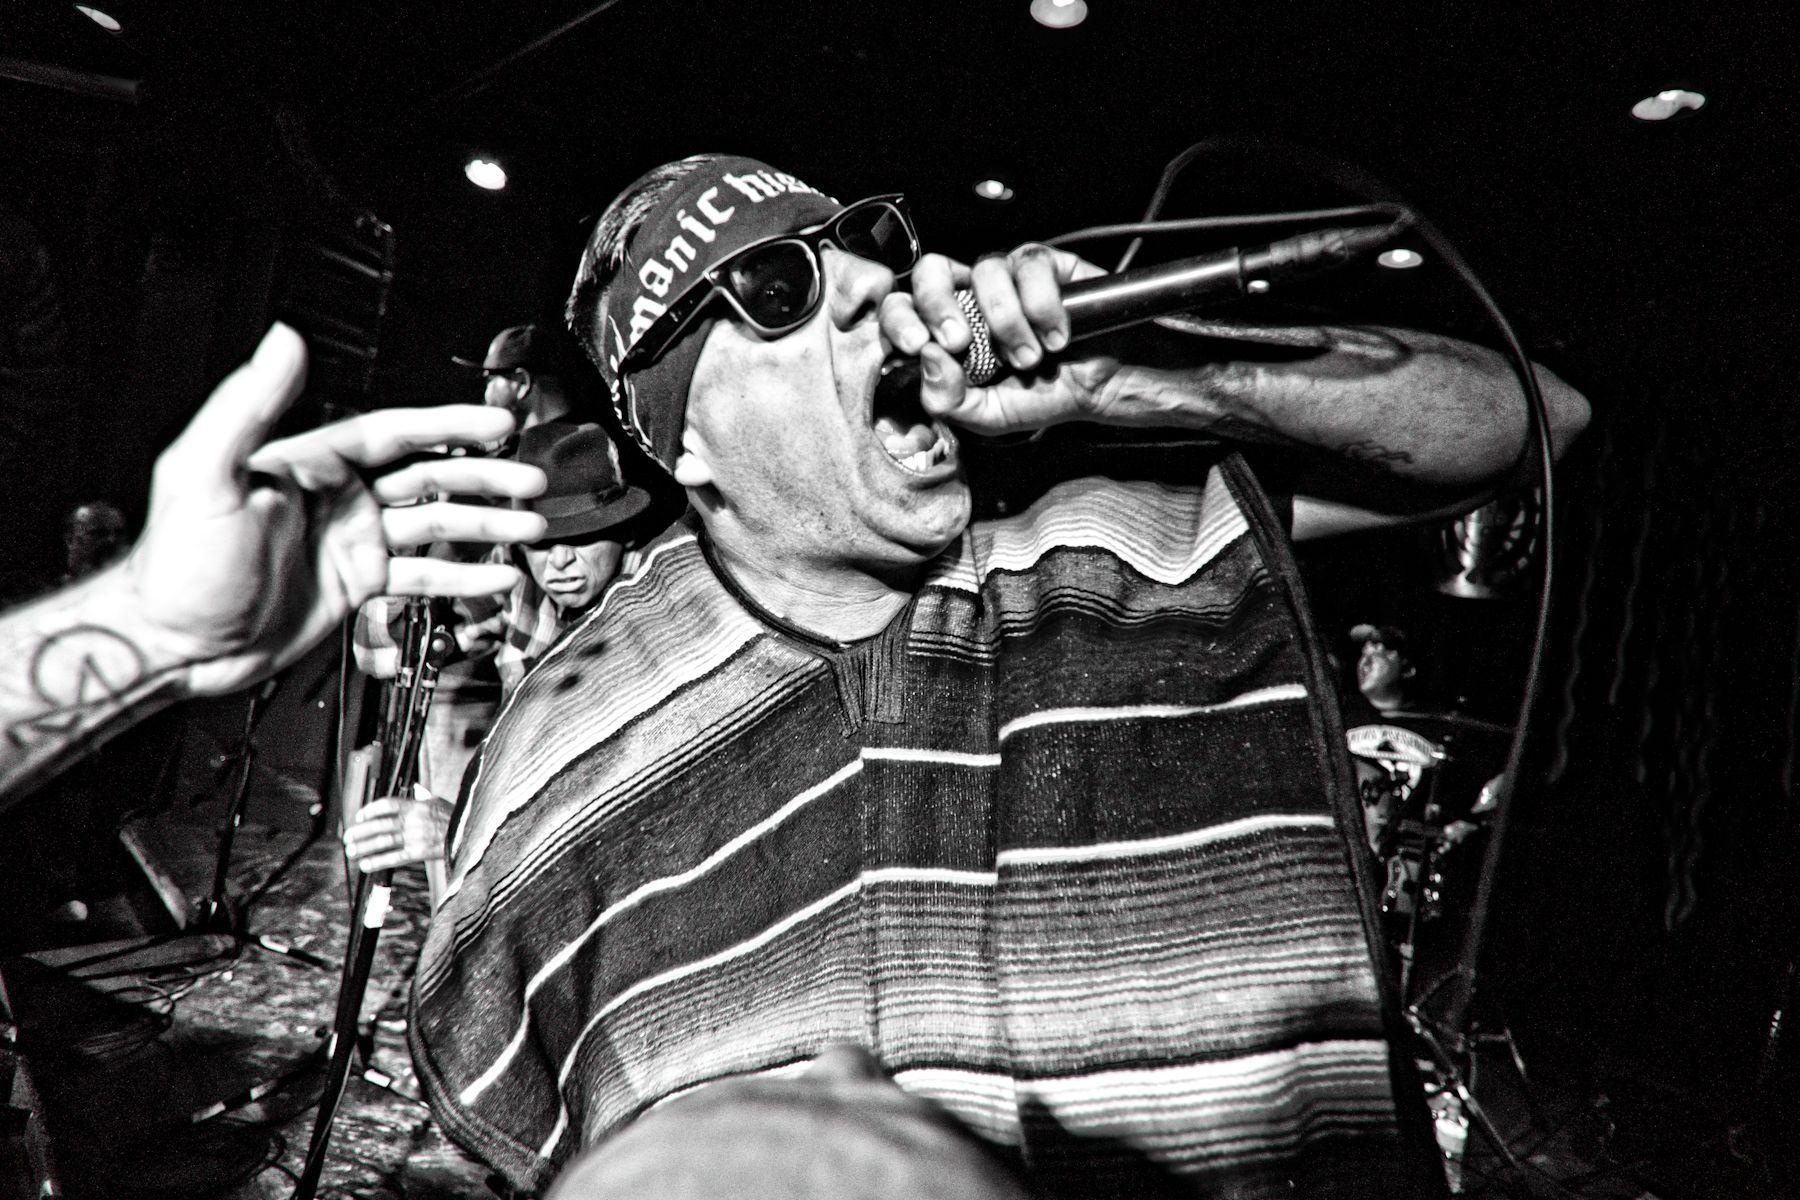 Manic Hispanic - 2015 - Long Beach, CA